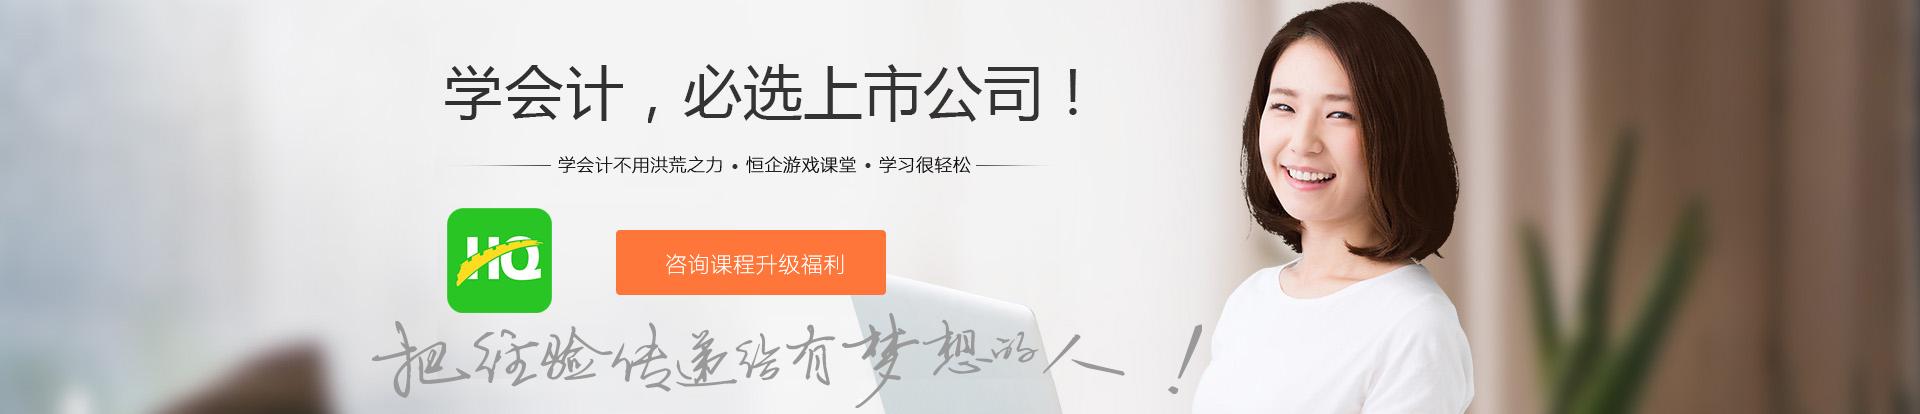 平南恒企会计合乐彩票app学校 横幅广告